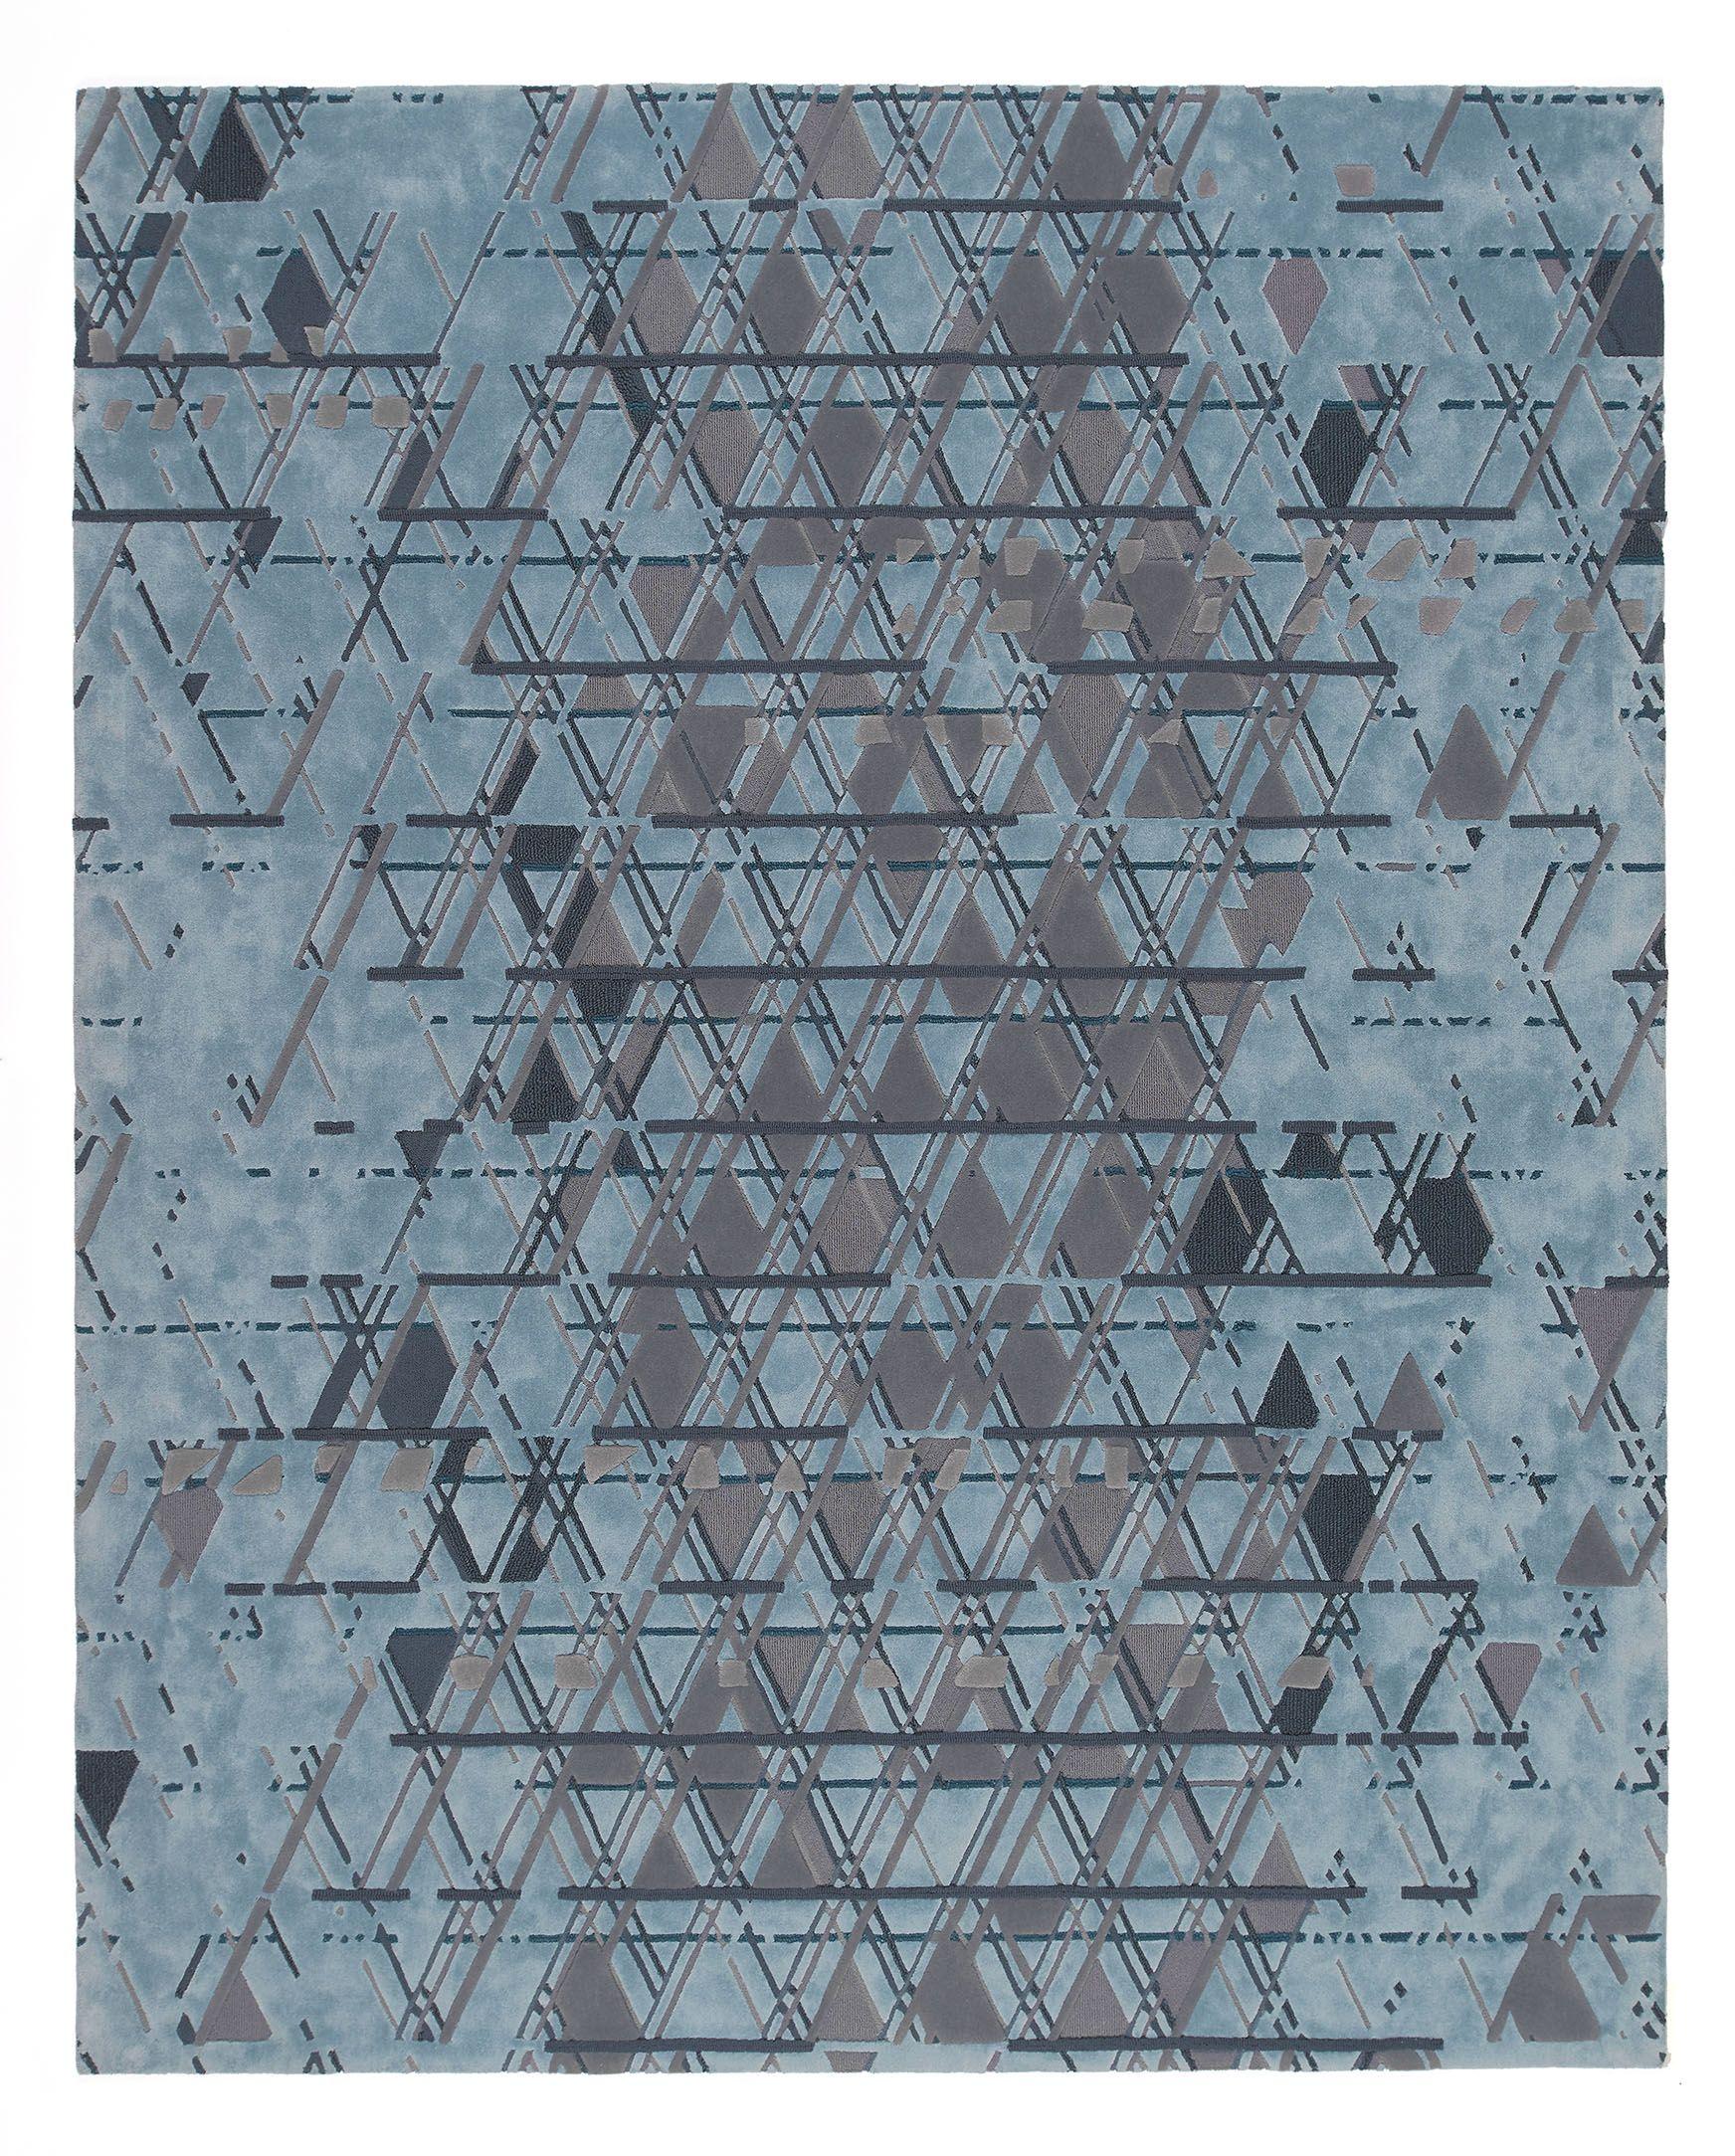 Taiping, Carpet Design, Tai Ping Carpet, Carpet Tiles, Modern Interiors,